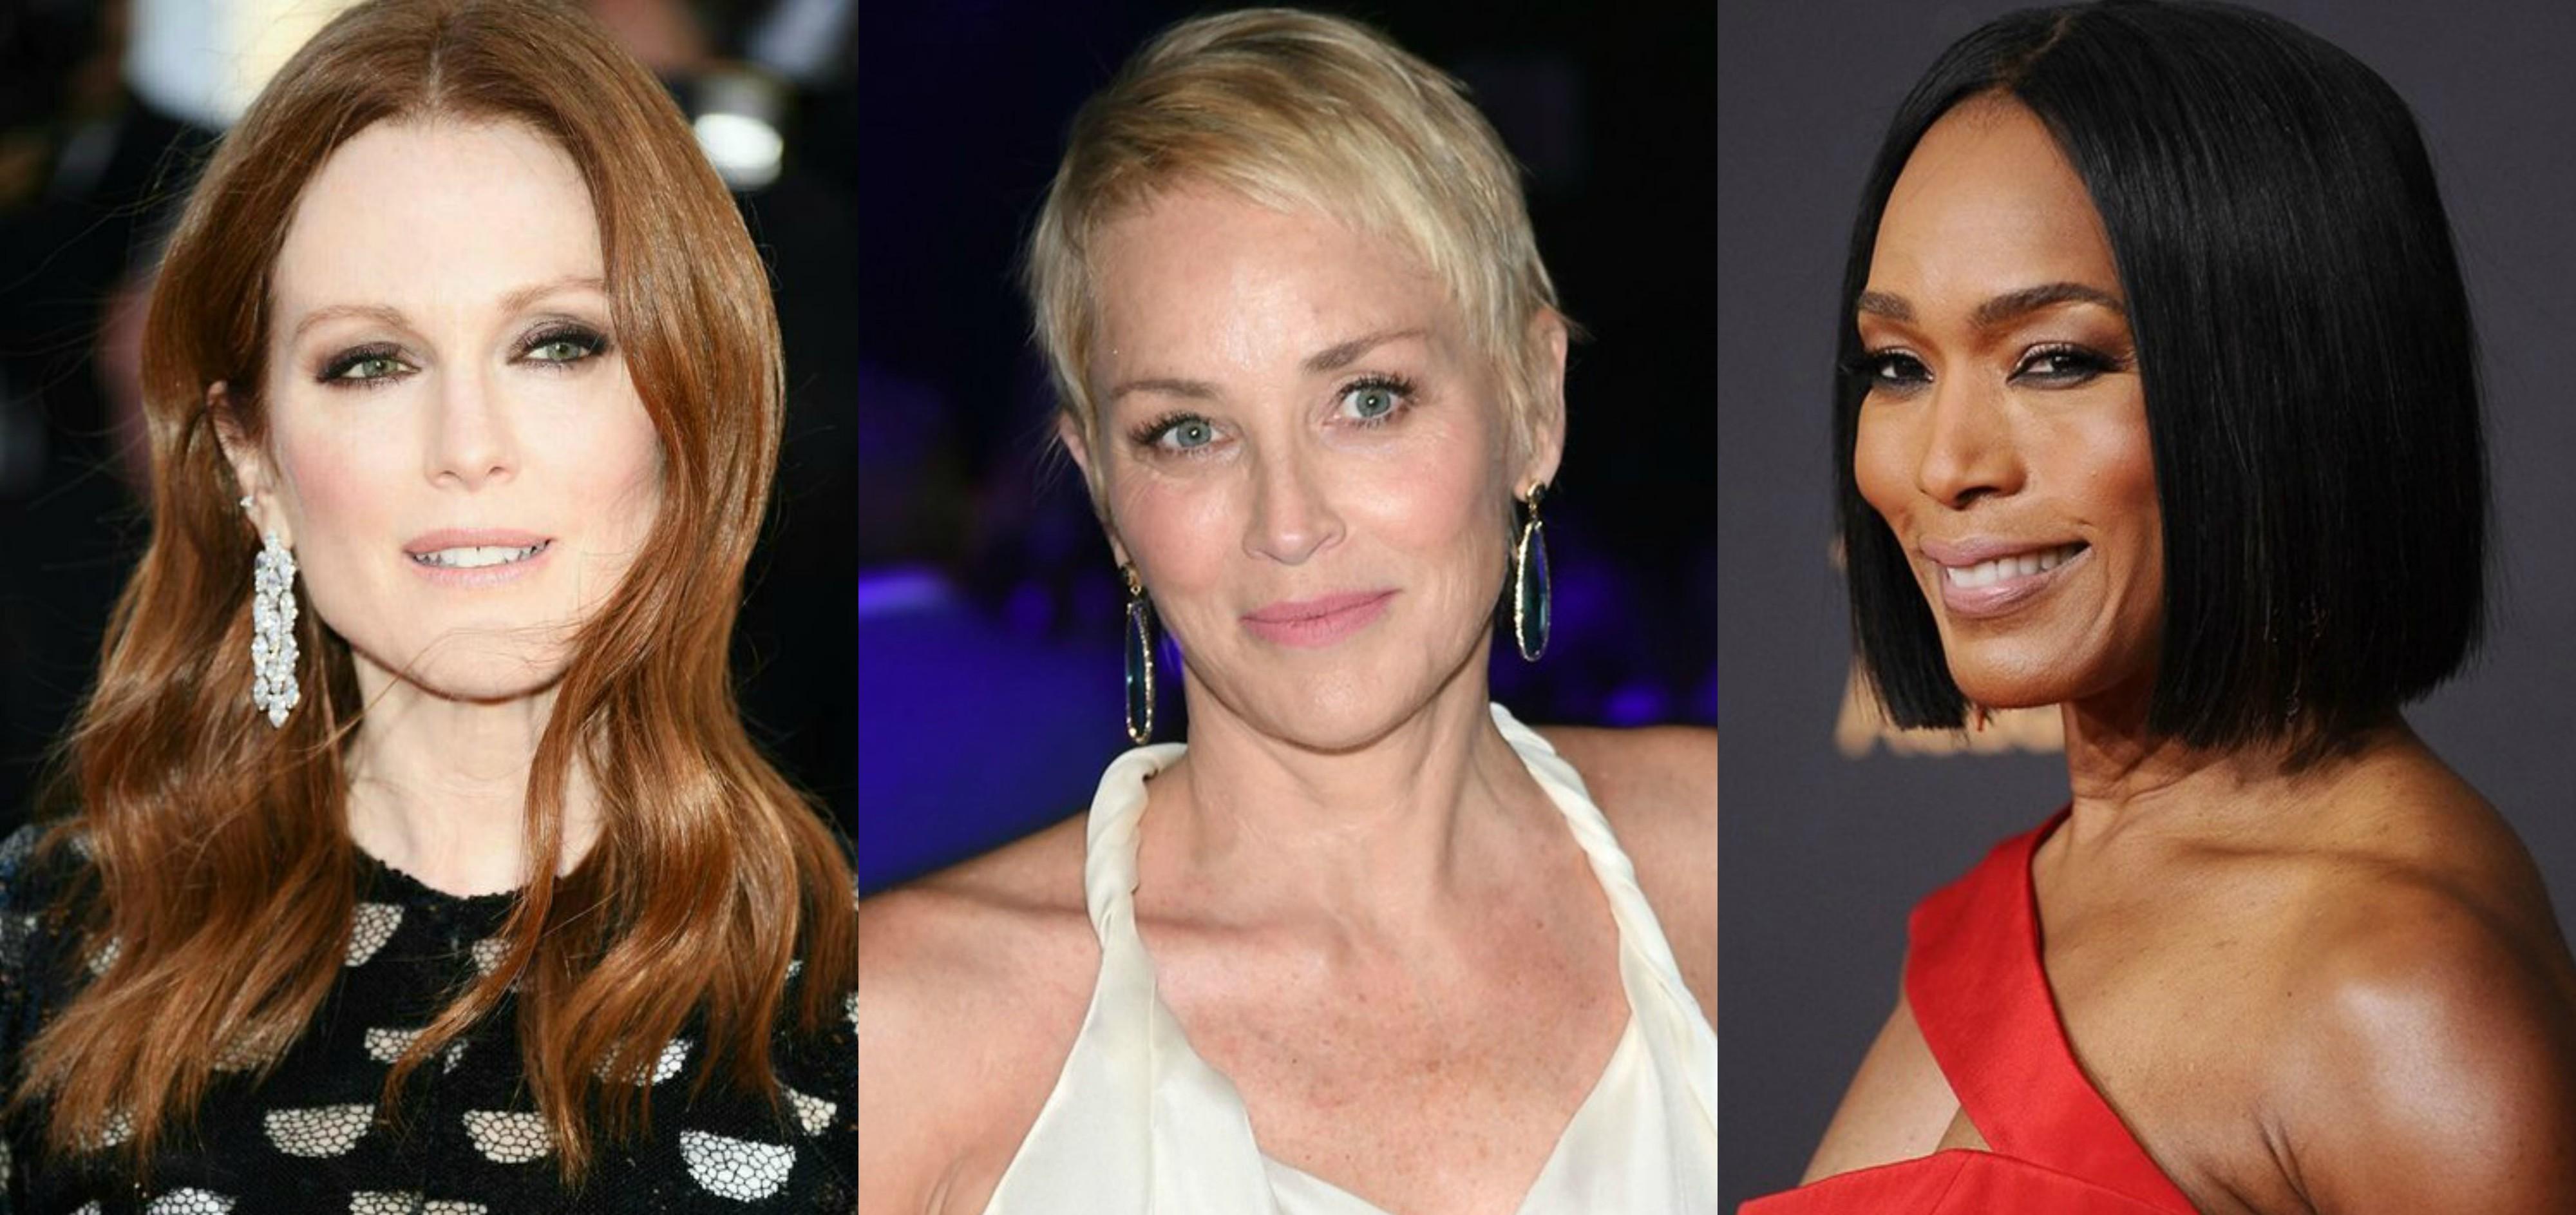 Ötven felett már tudod mi áll jól Neked, és mi nem. Természetesen ugyanez igaz a hajadra is. Mi mégis azt mondjuk, hogy ne ragaszkodj az évek óta megszokott színhez és formához! Hisz változik arcod, bőröd és személyiséged is. Miért maradna ugyanolyan a frizurád?<br /> <br /> Mutatjuk, hogy melyek a legjobb frizurák 50 felett!